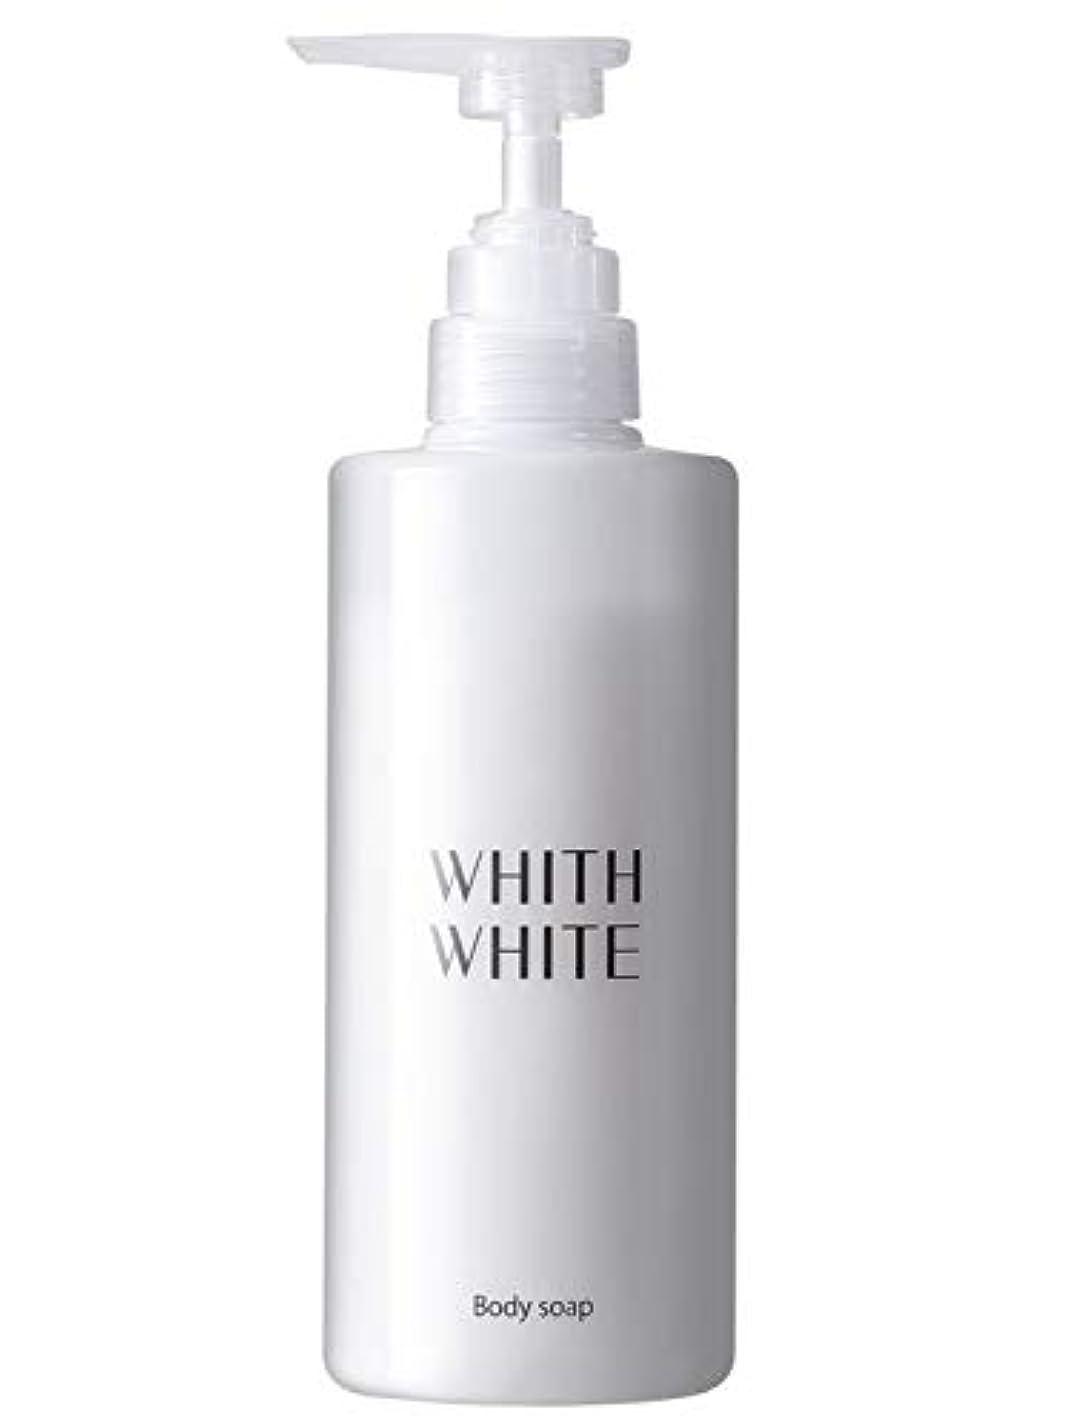 プレゼン驚いたことに自然無添加 ボディソープ フィス ホワイト 【 エレガントフローラルのいい香り 】 保湿 ボディーソープ 「 泡で黒ずみ さっぱり ボディシャンプー 」「 ヒアルロン酸 コラーゲン セラミド 配合」450ml